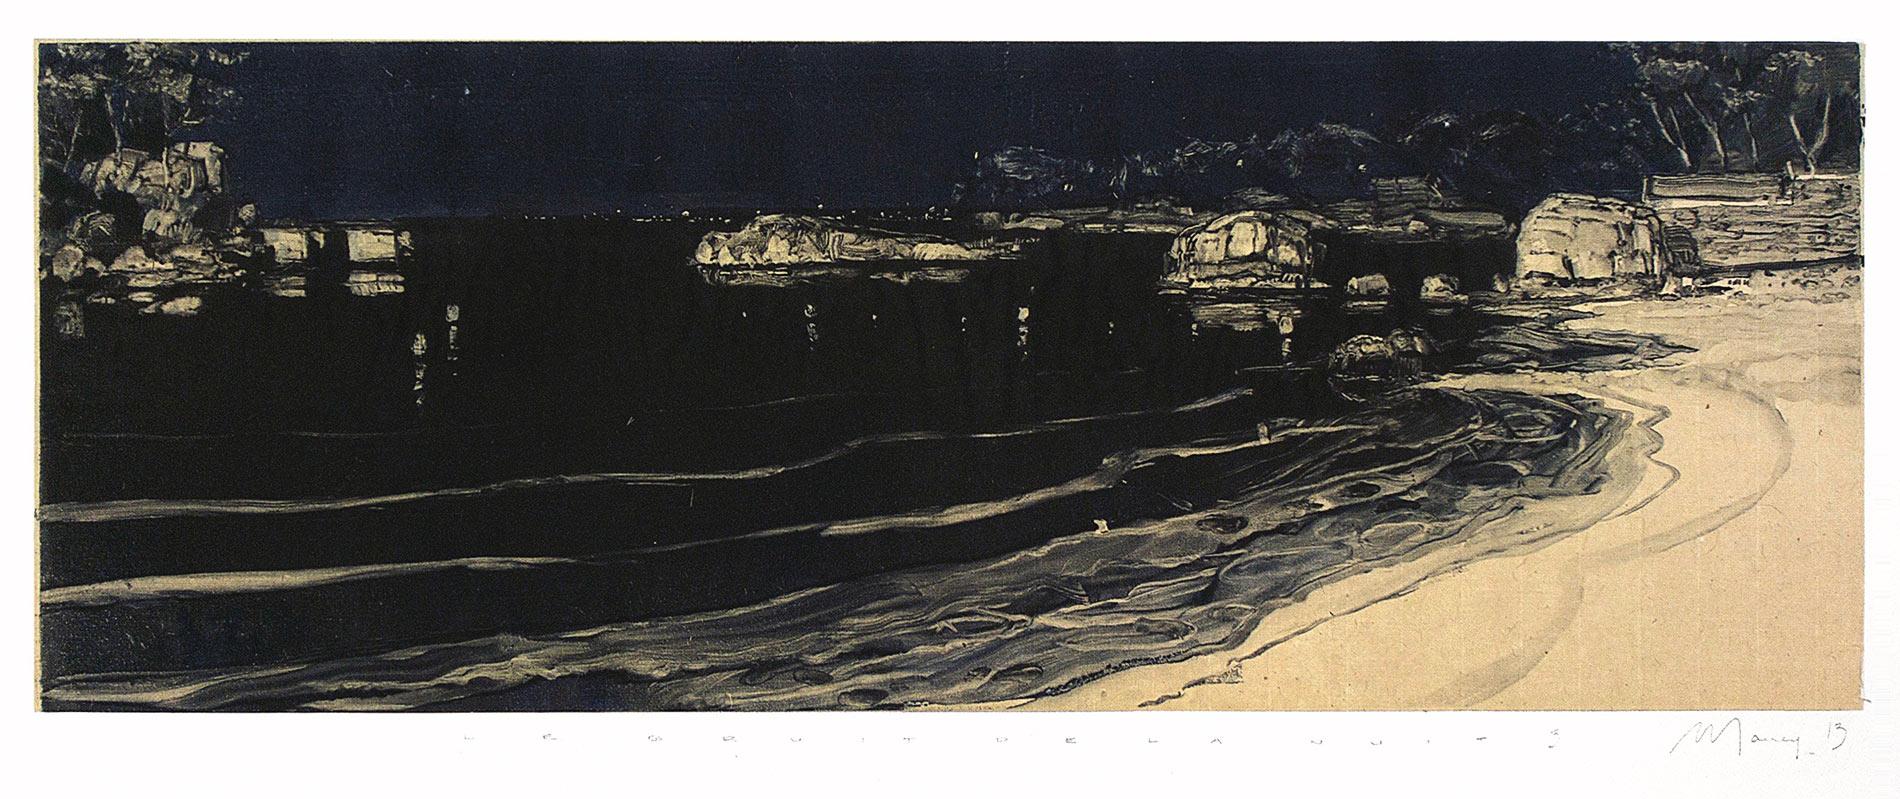 Le bruit de la nuit 5. Monotype, 20 x 55,5 cm, 2013